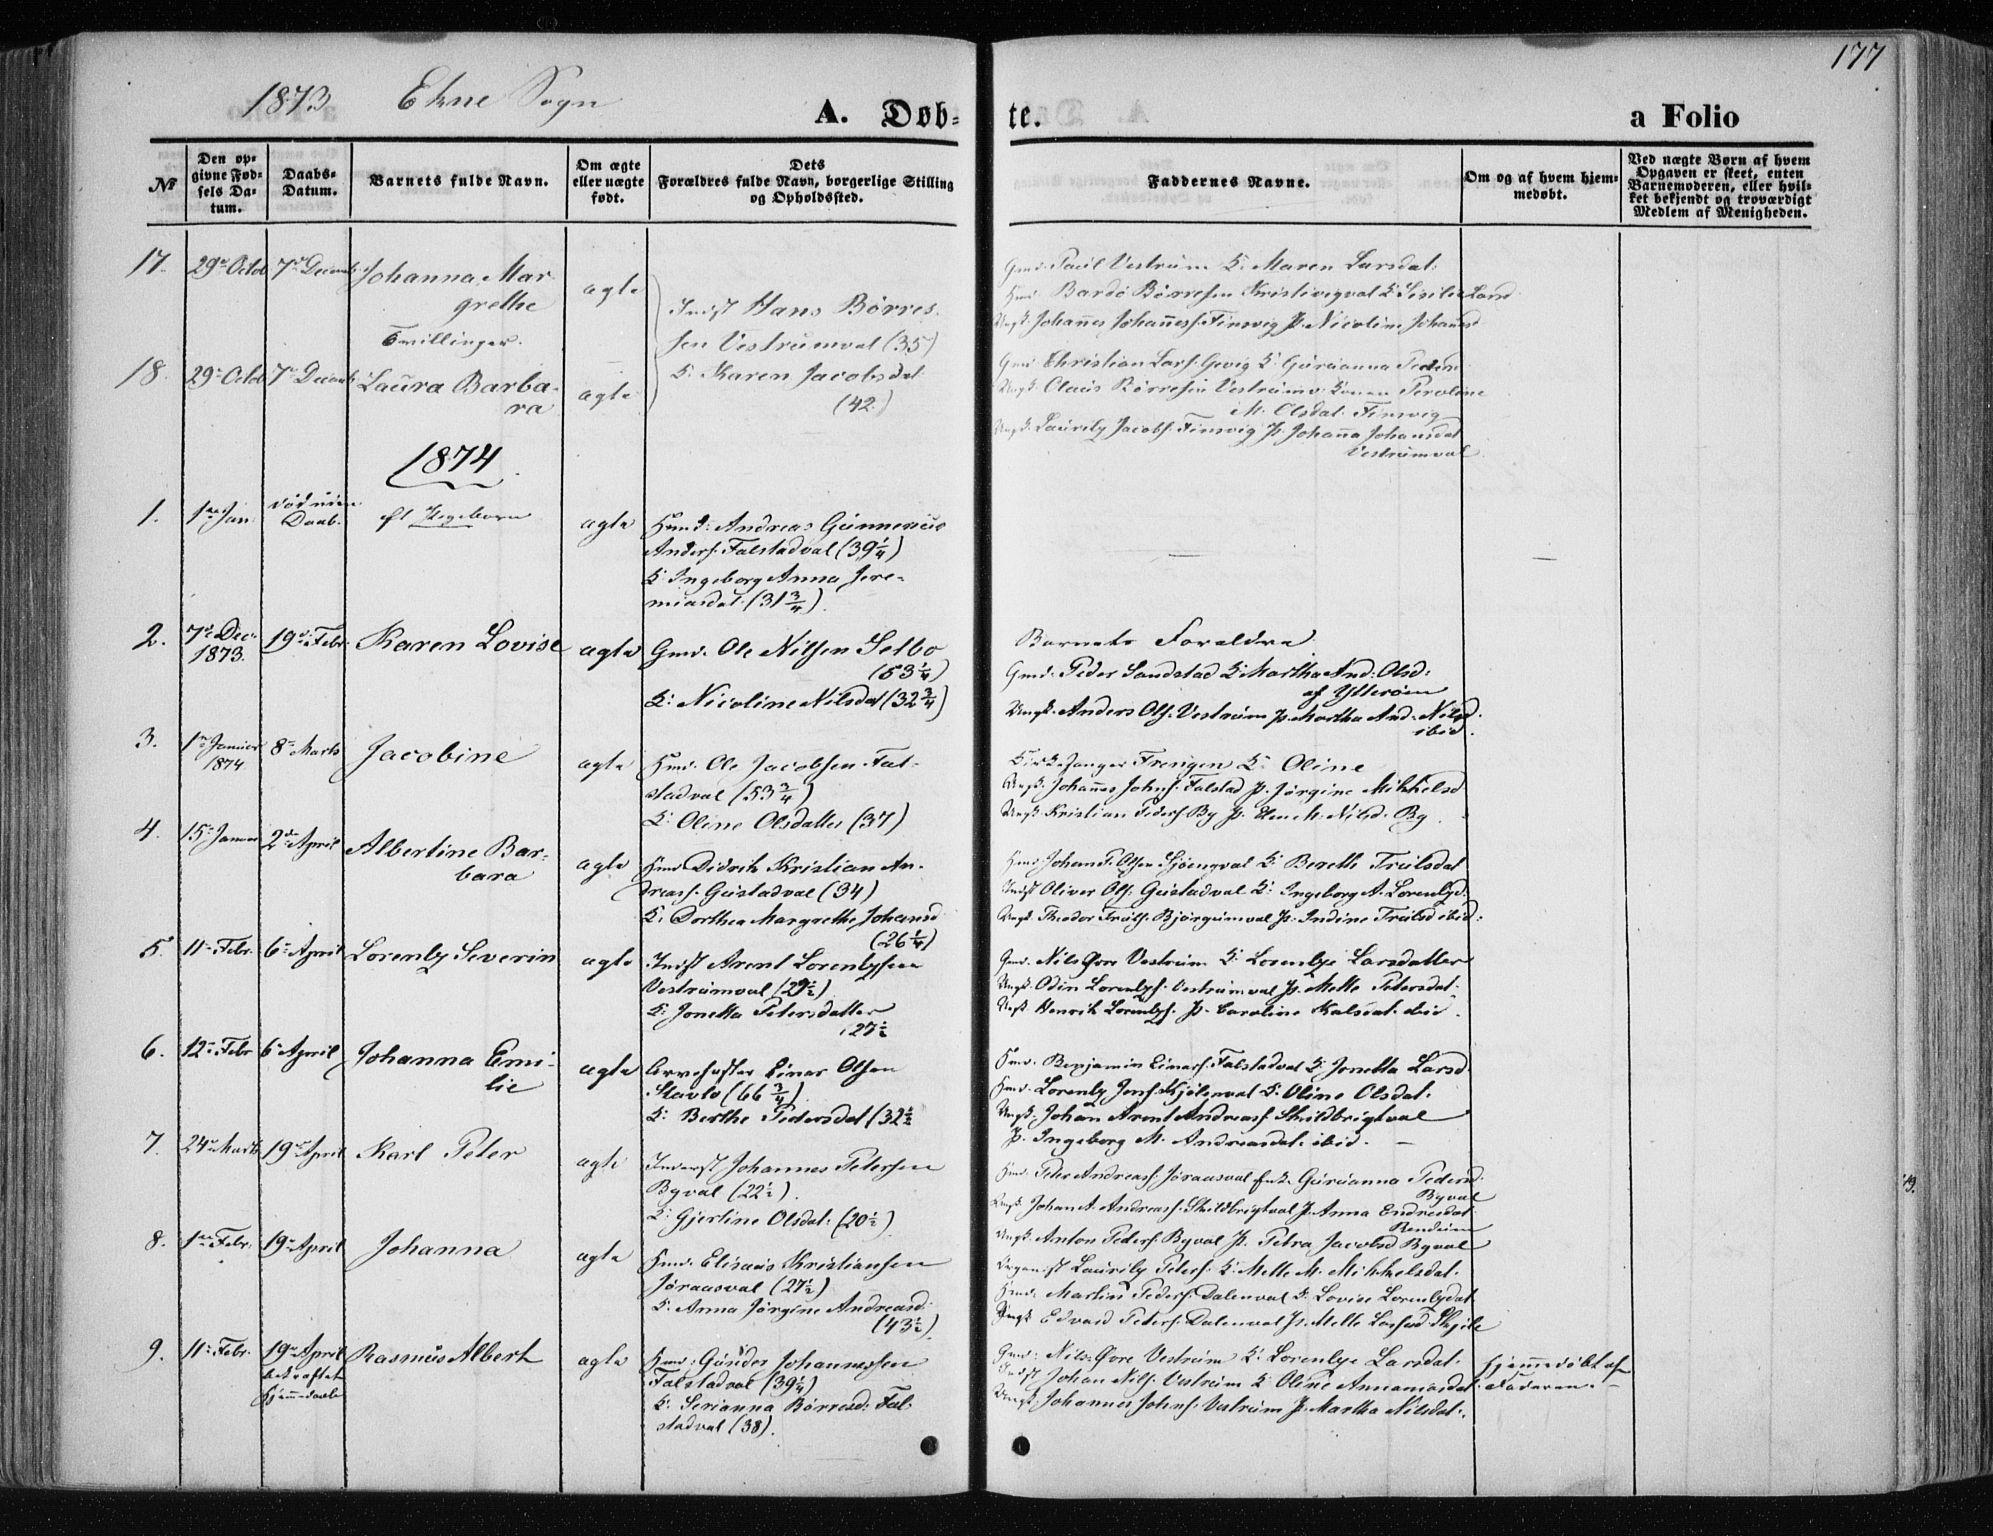 SAT, Ministerialprotokoller, klokkerbøker og fødselsregistre - Nord-Trøndelag, 717/L0158: Ministerialbok nr. 717A08 /2, 1863-1877, s. 177